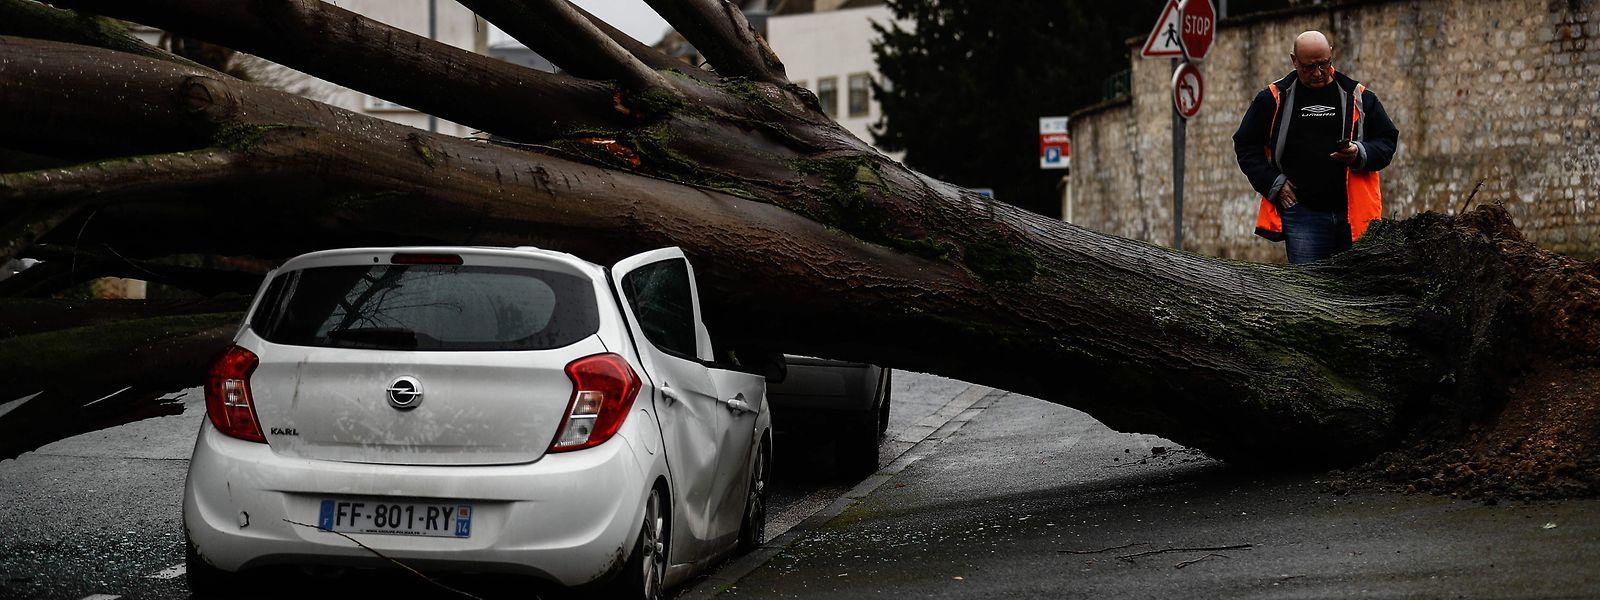 La tempête Dennis a provoqué de gros dégâts au Royaume-Uni ce dimanche